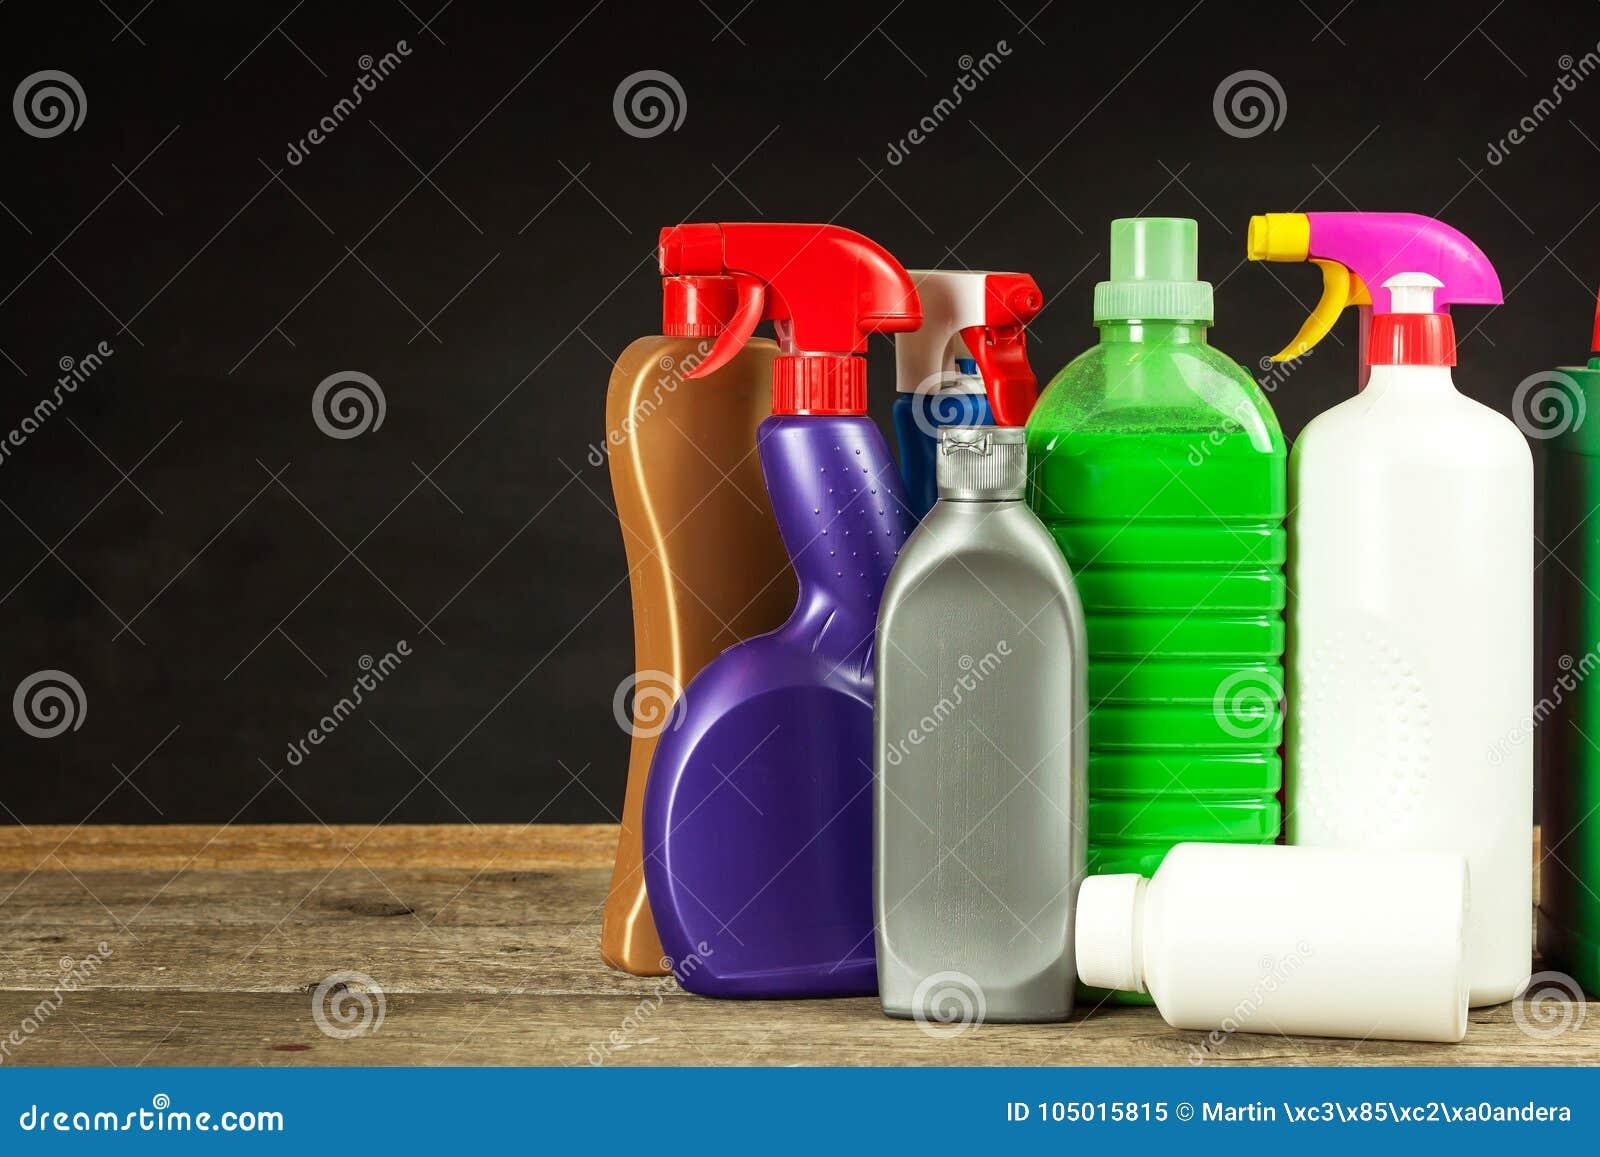 家庭清洁剂 洗涤剂 化学制品销售  清洗在房子里